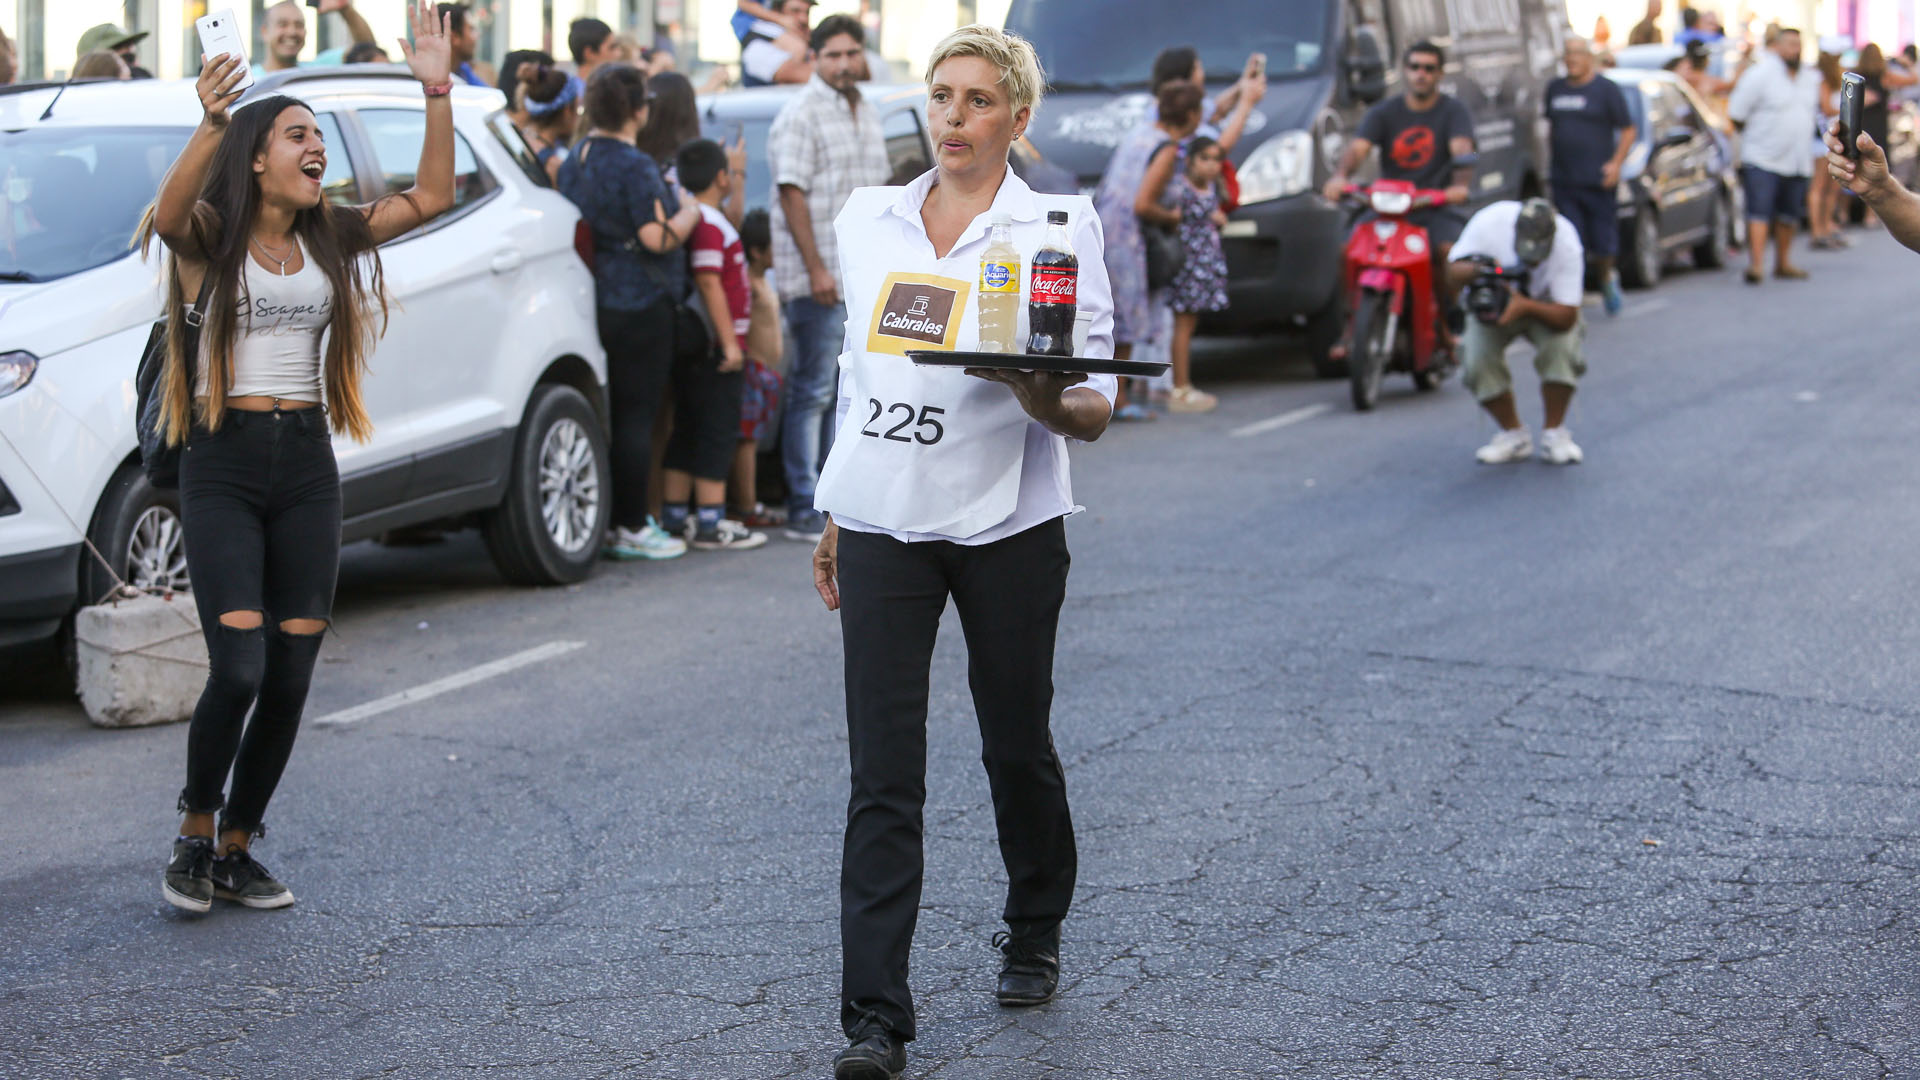 Una de las competidoras, que resultó ganadora, en plena acción